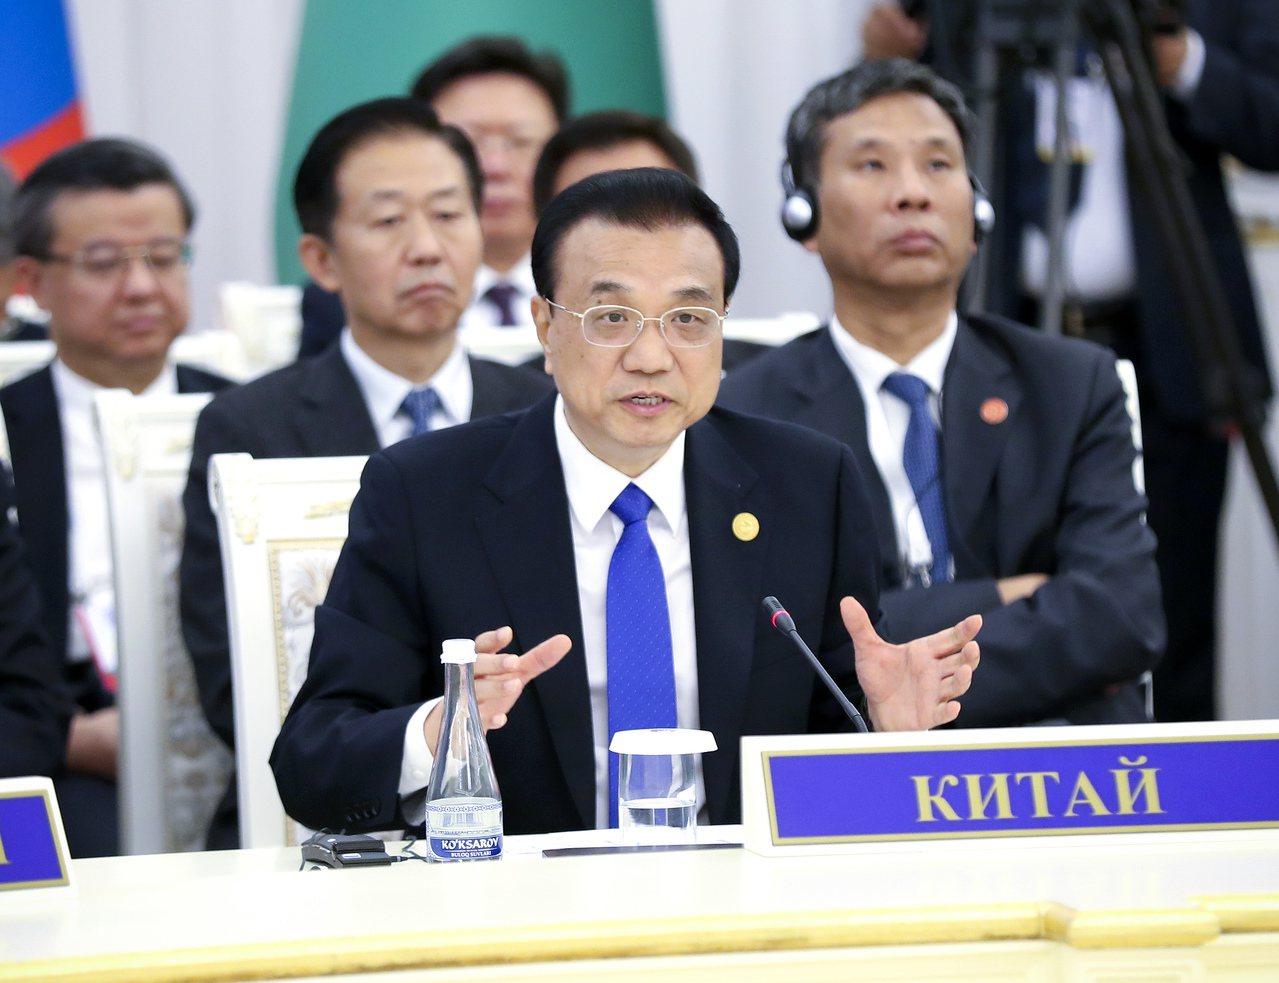 李克強六日主持召開國務院常務會議時,強調「穩定物價」至關重要。(中新社)